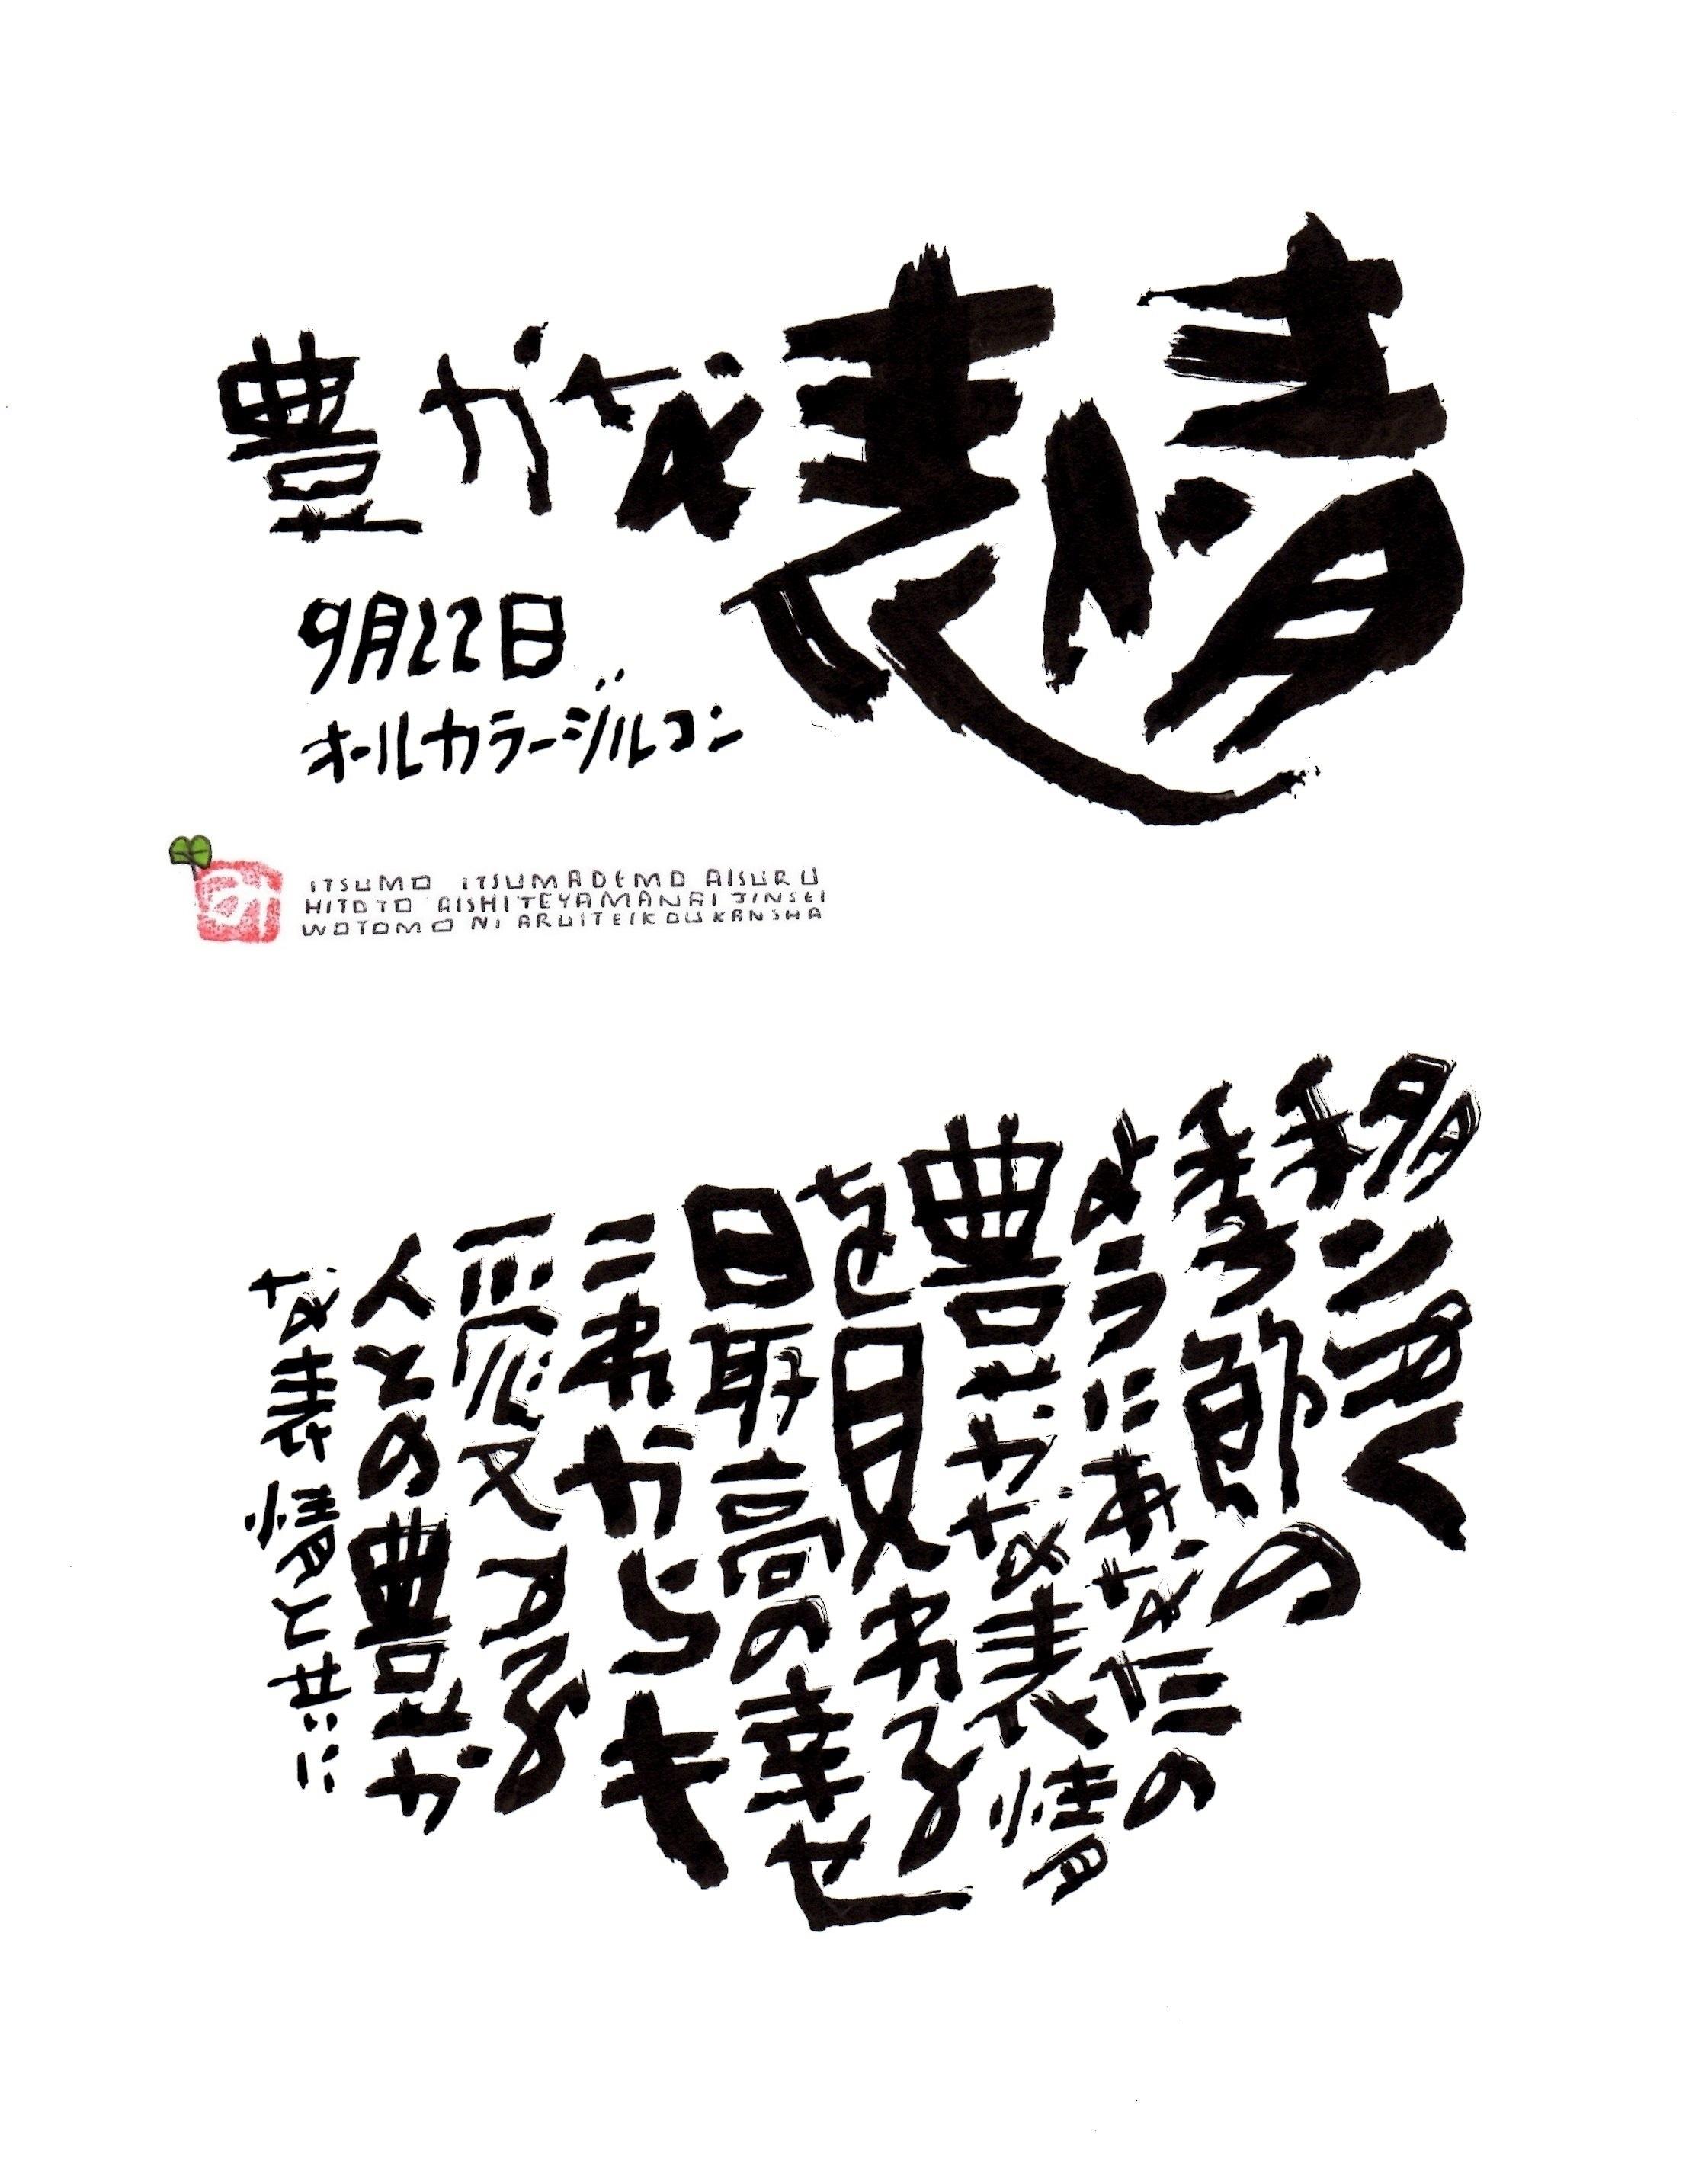 9月22日 結婚記念日ポストカード【豊かな表情】